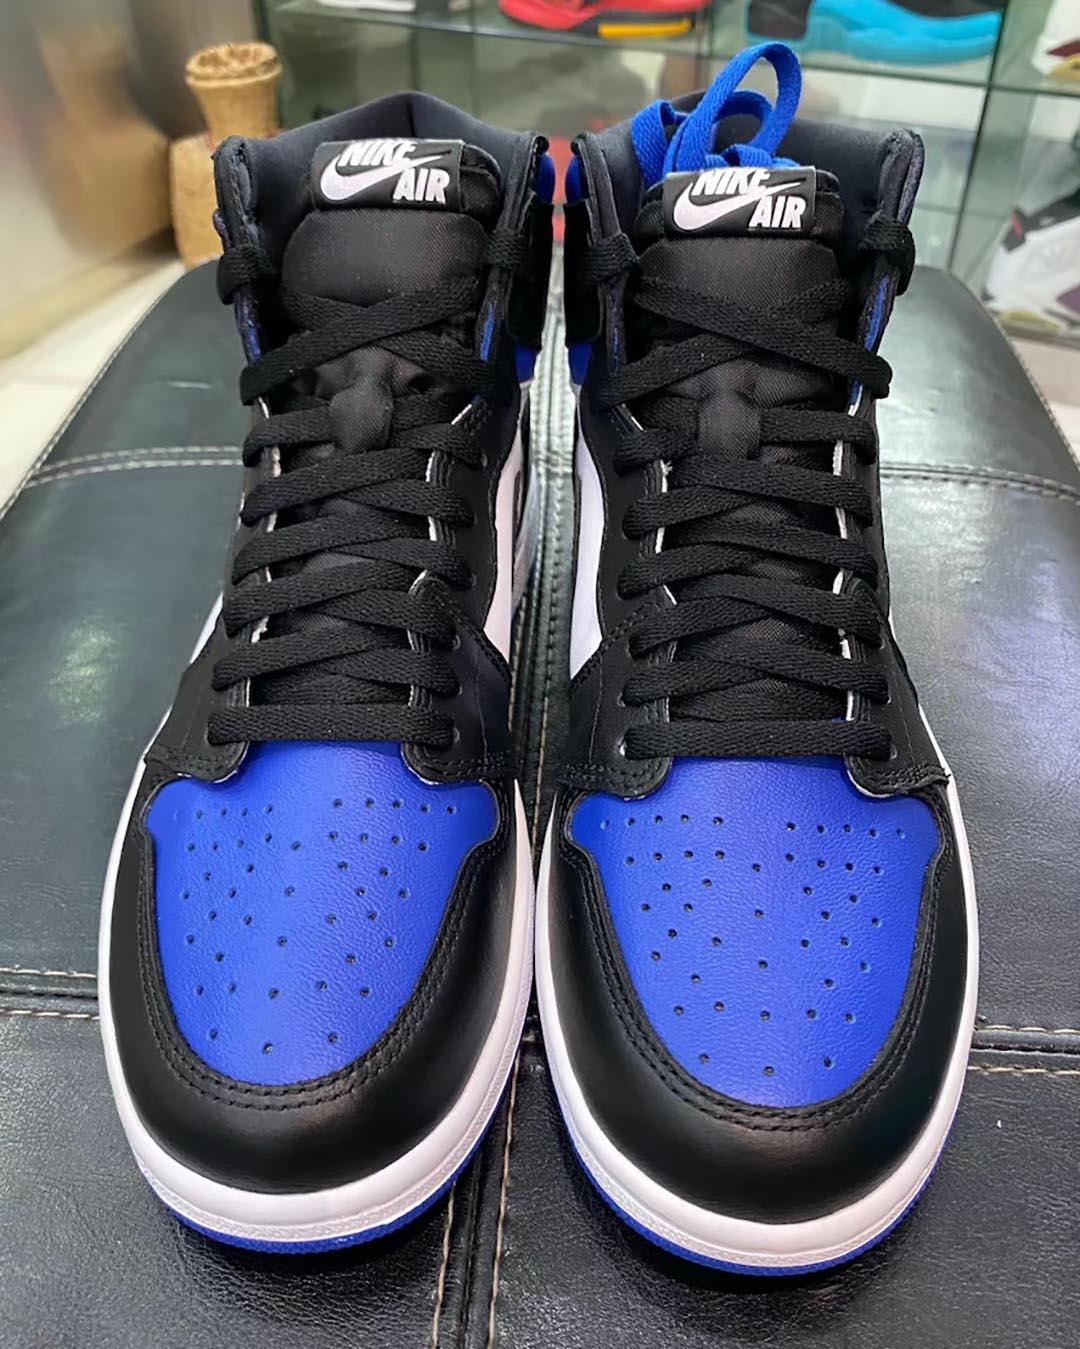 Air Jordan 1 Retro Hi Og Game Royal 55088 041 Release Date